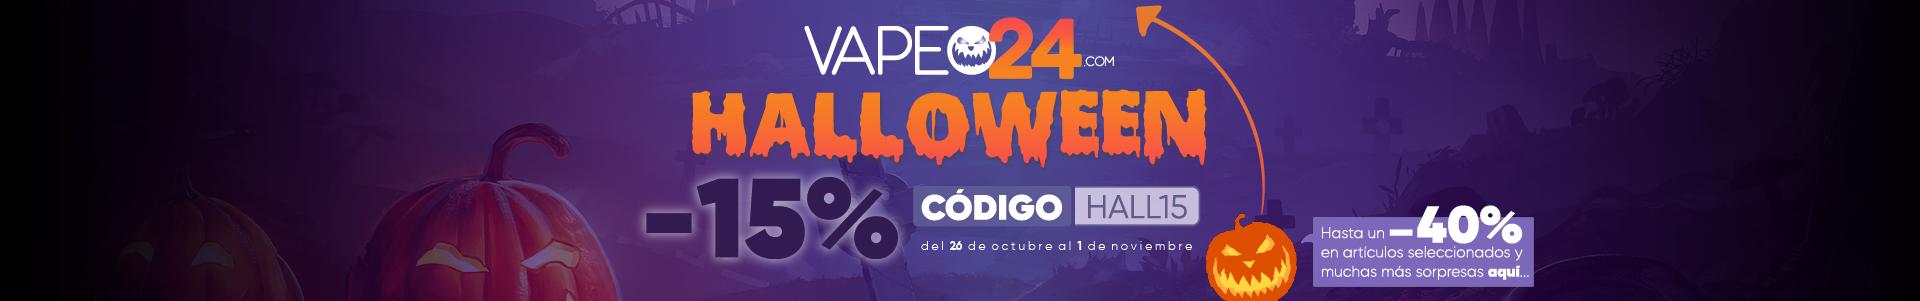 Halloween Vapeo24